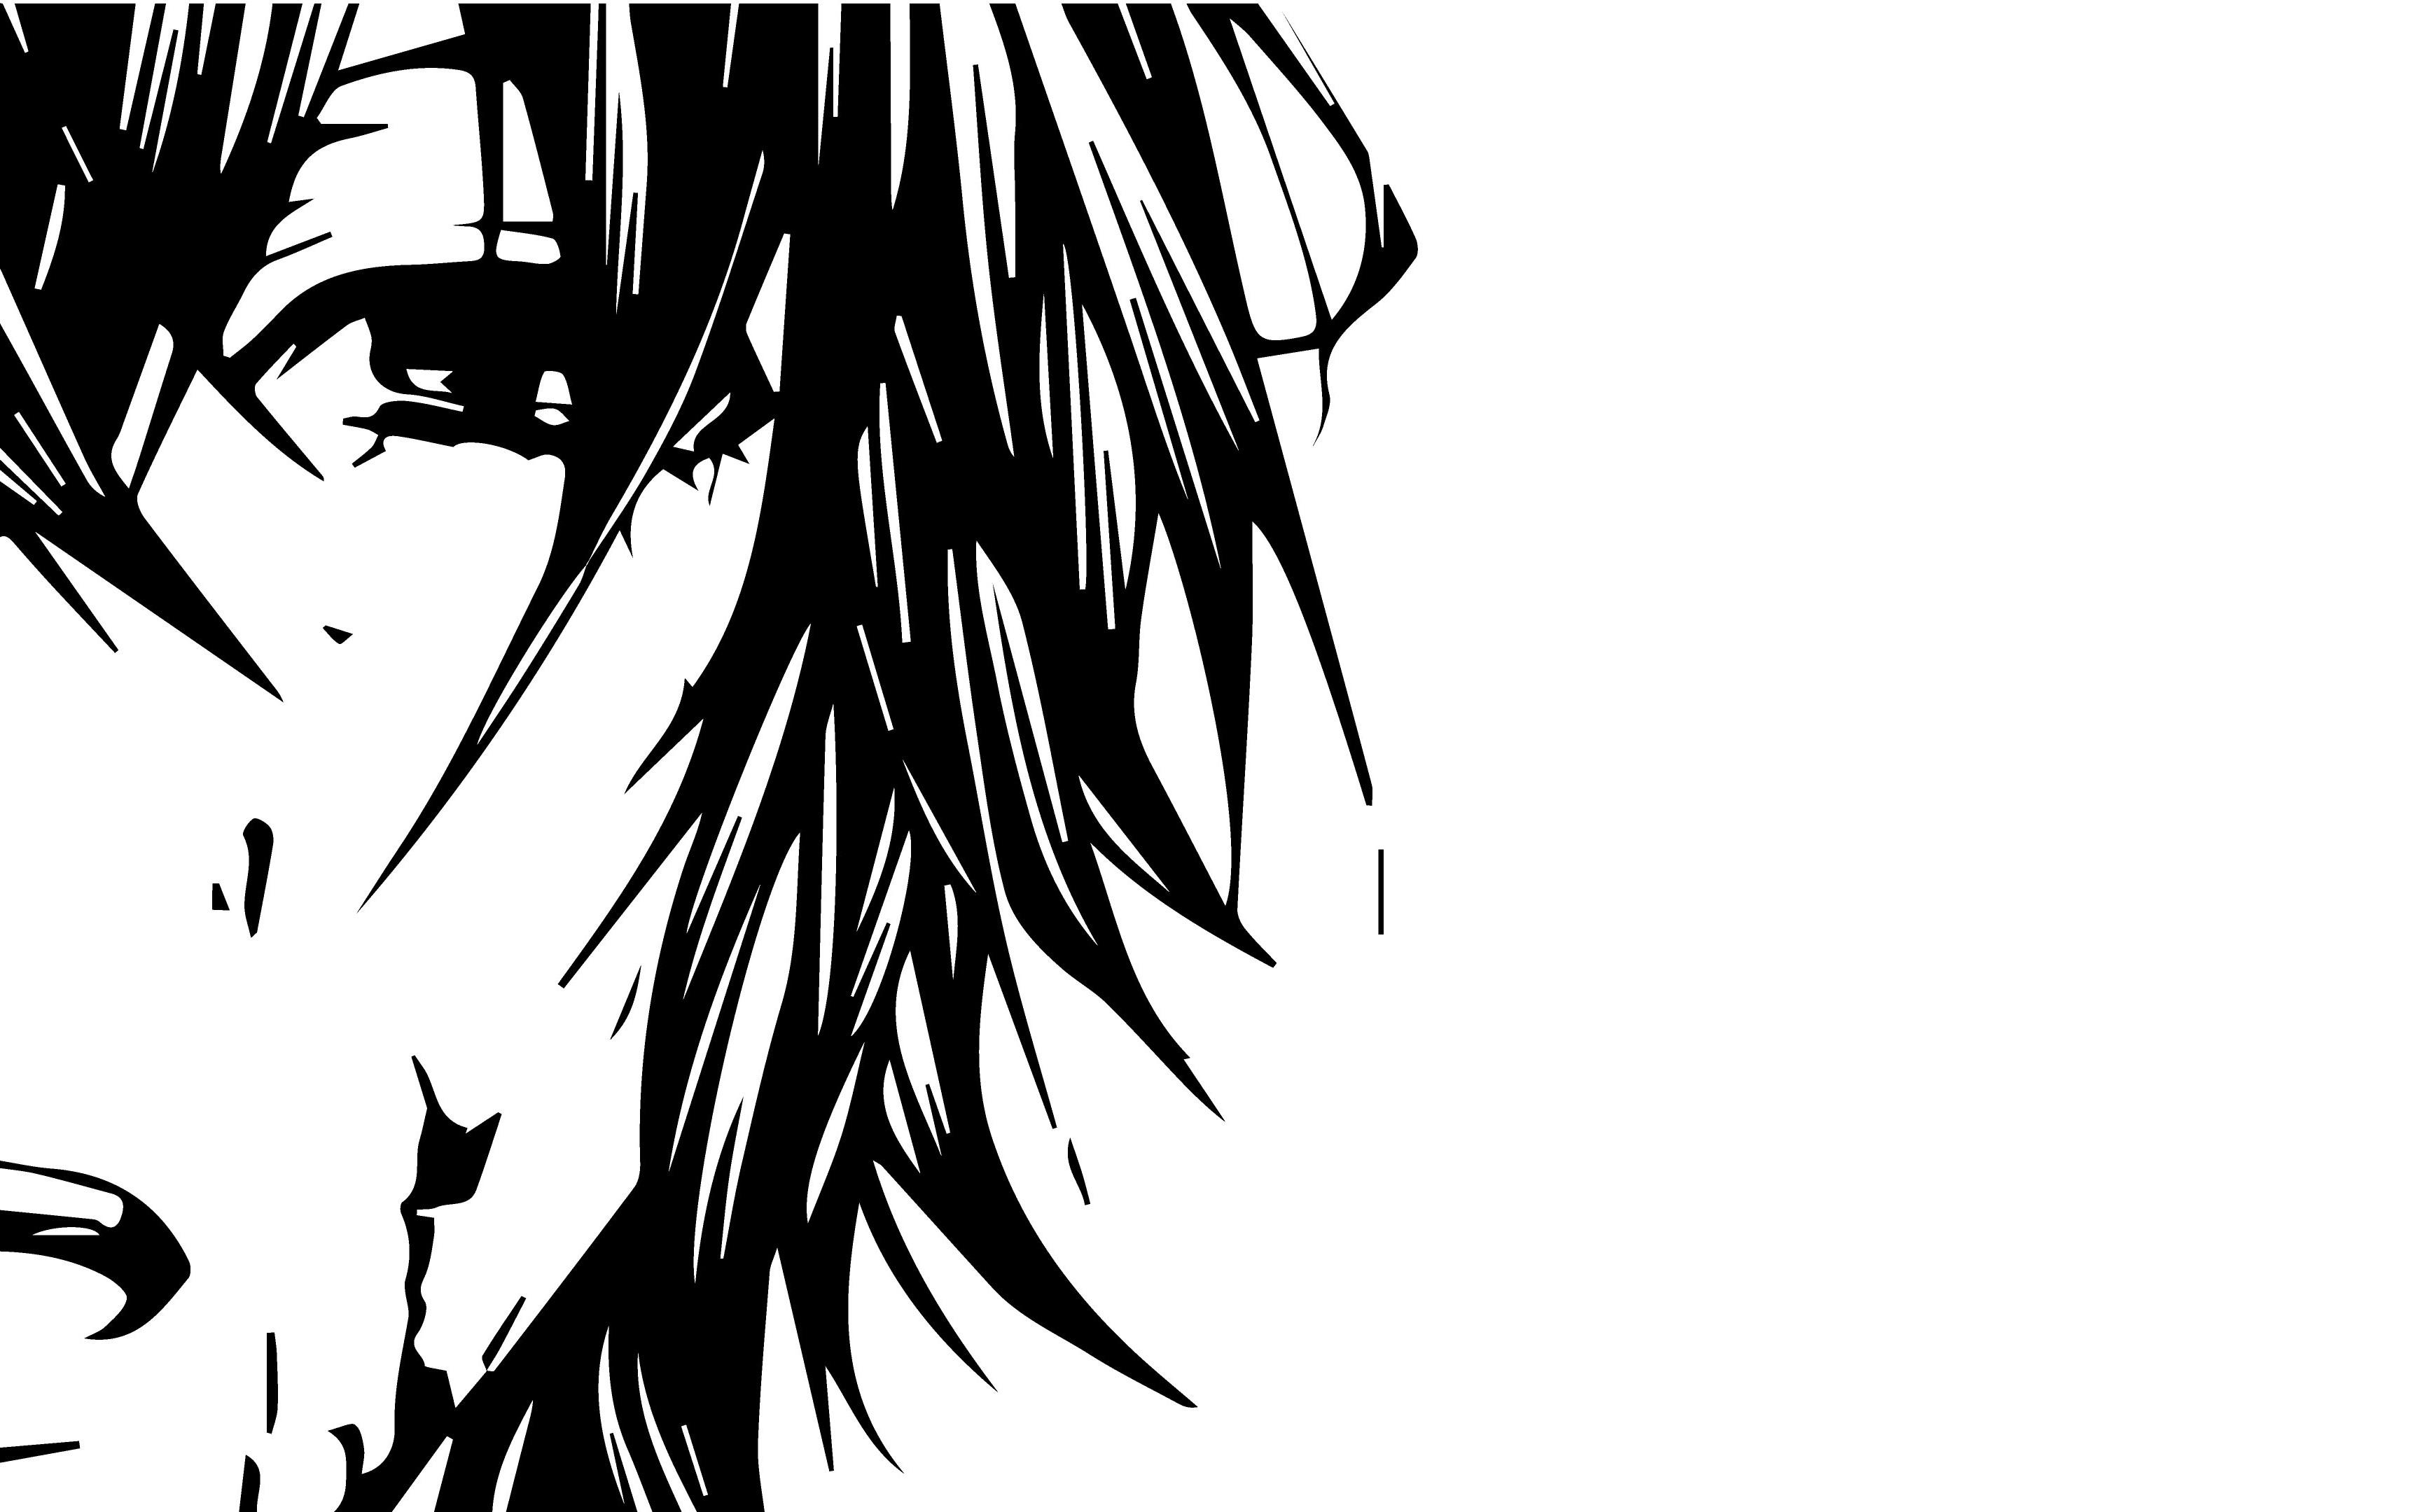 Hình nền đen trắng anime cực đẹp